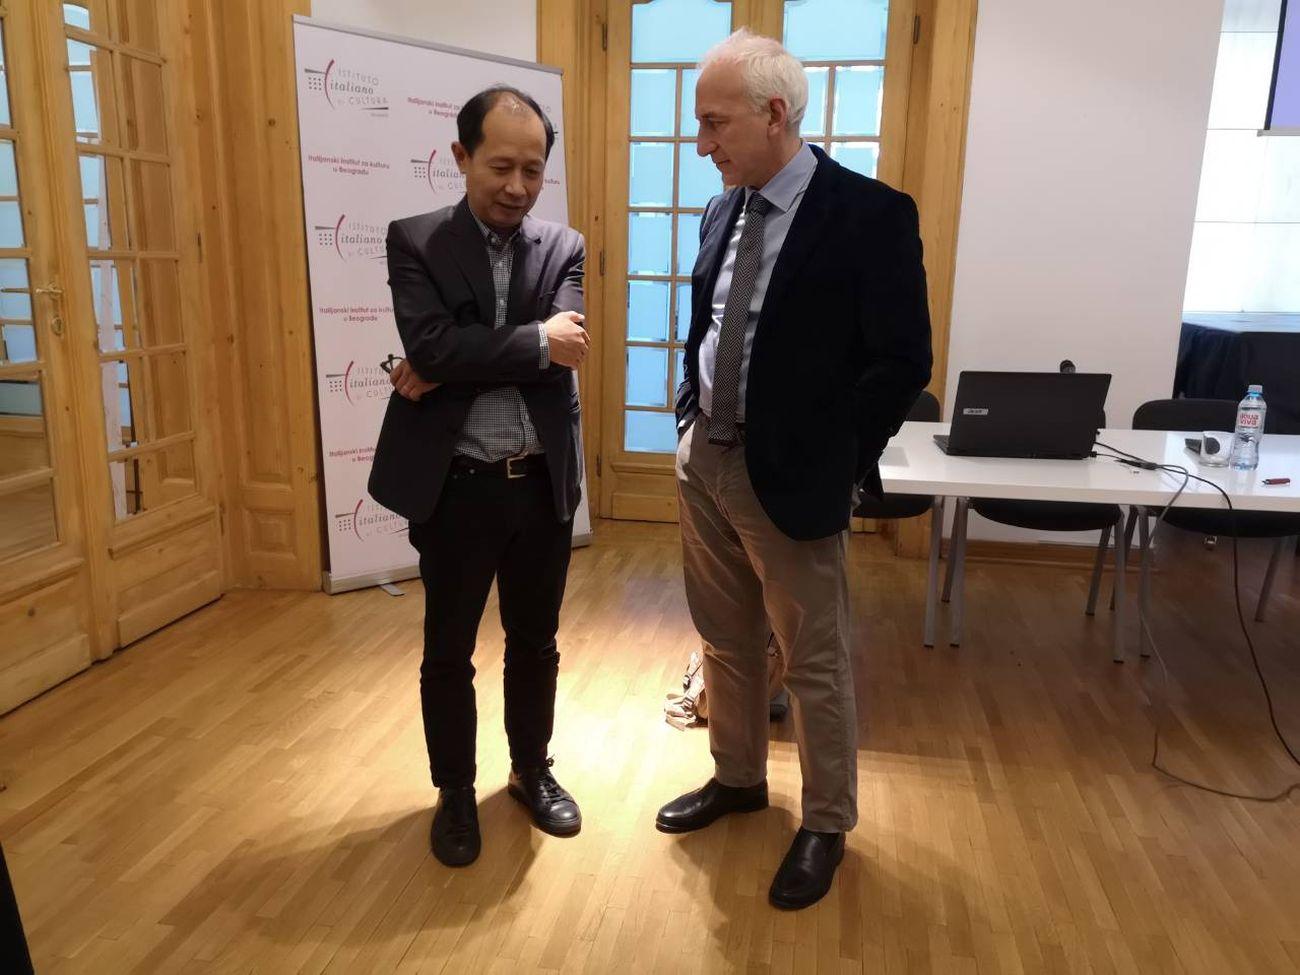 Hou Hanru e Davide Scalmani, direttore dell'Istituto Italiano di Cultura di Belgrado